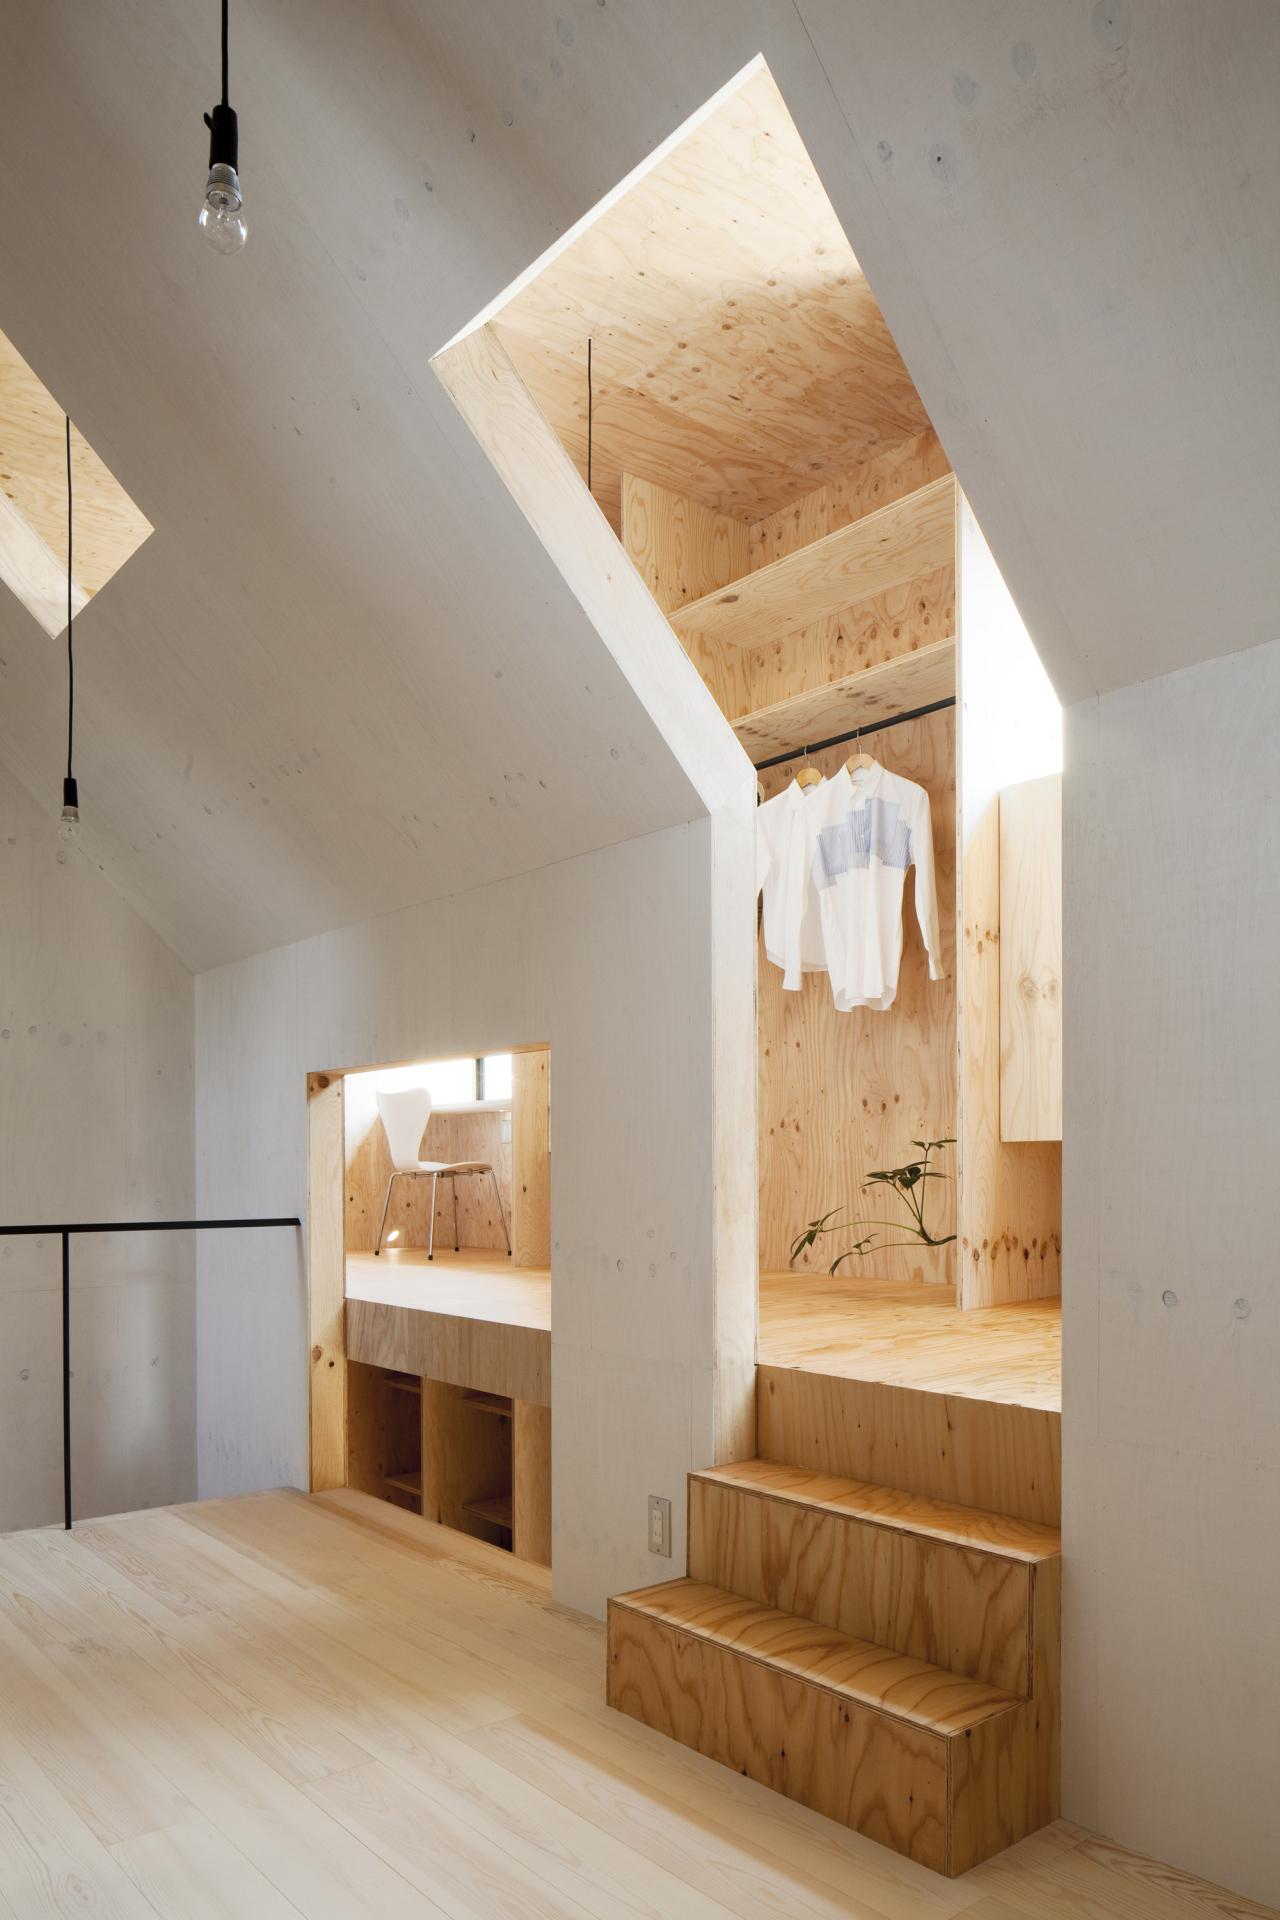 Потолок из фанеры в стиле эко